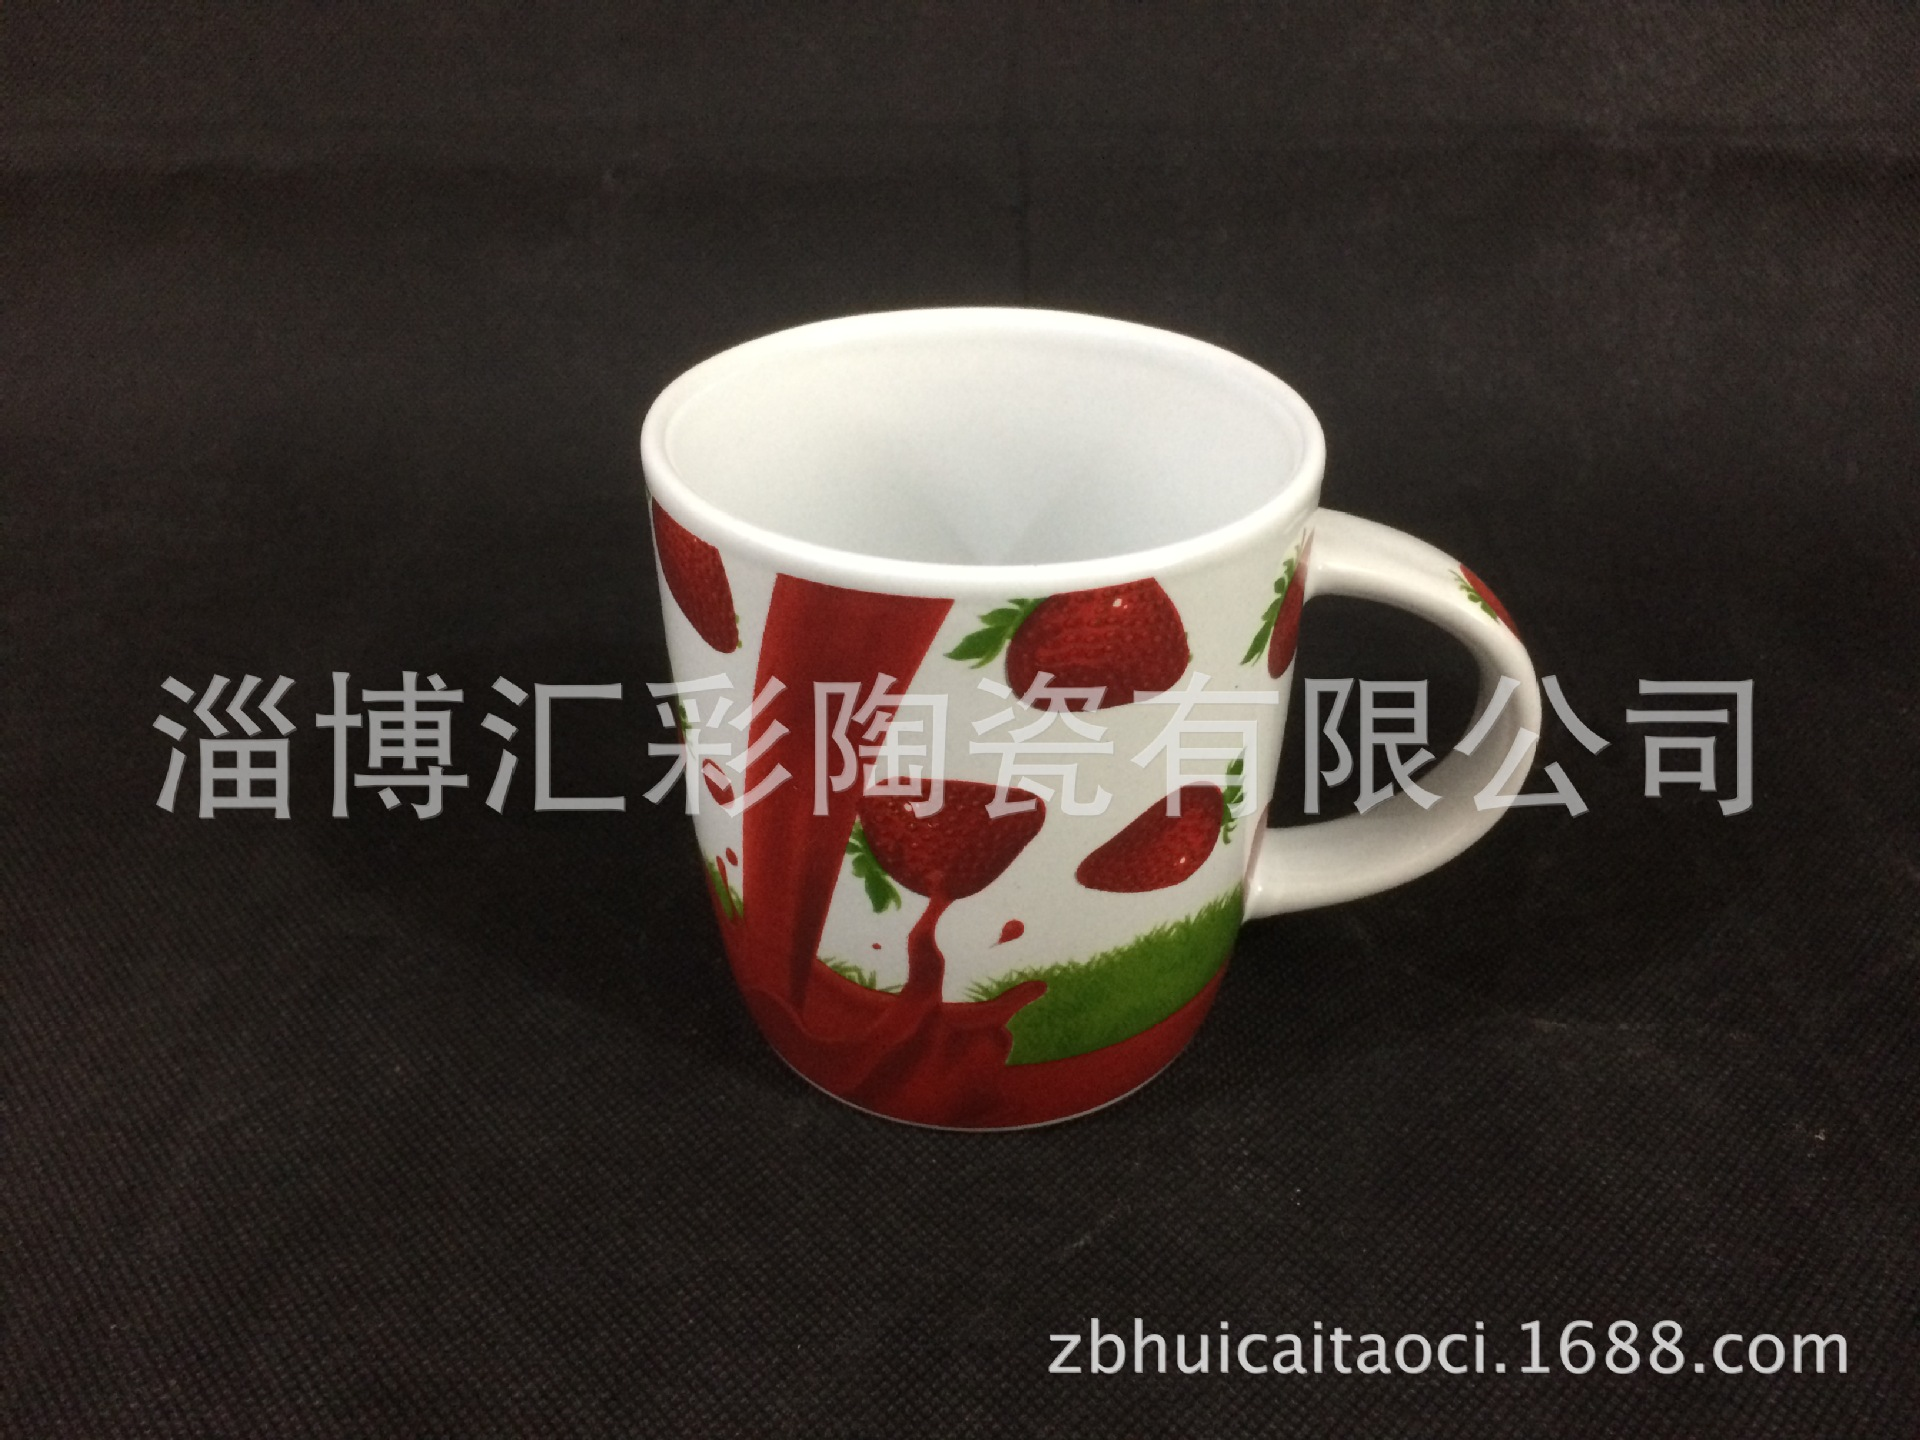 厂家定制水果图案陶瓷杯 外贸出口水果图案陶瓷杯 创意水果陶瓷杯